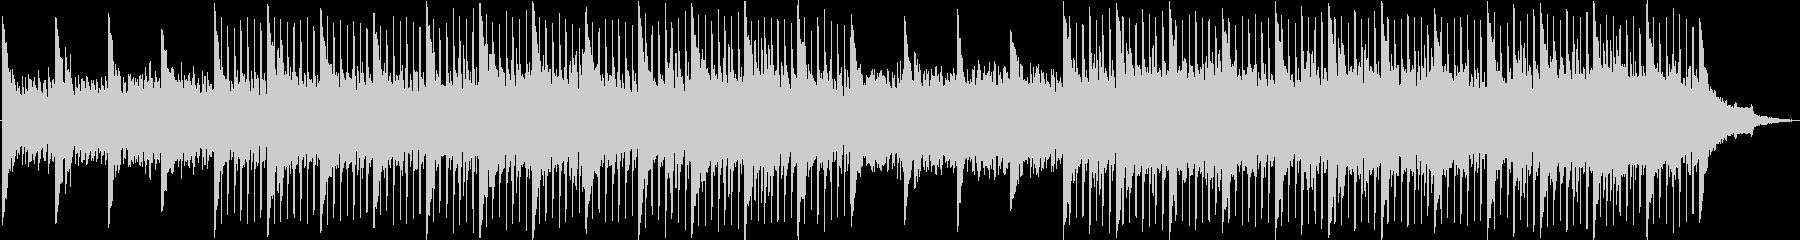 現代的 交響曲 クラシック ラウン...の未再生の波形